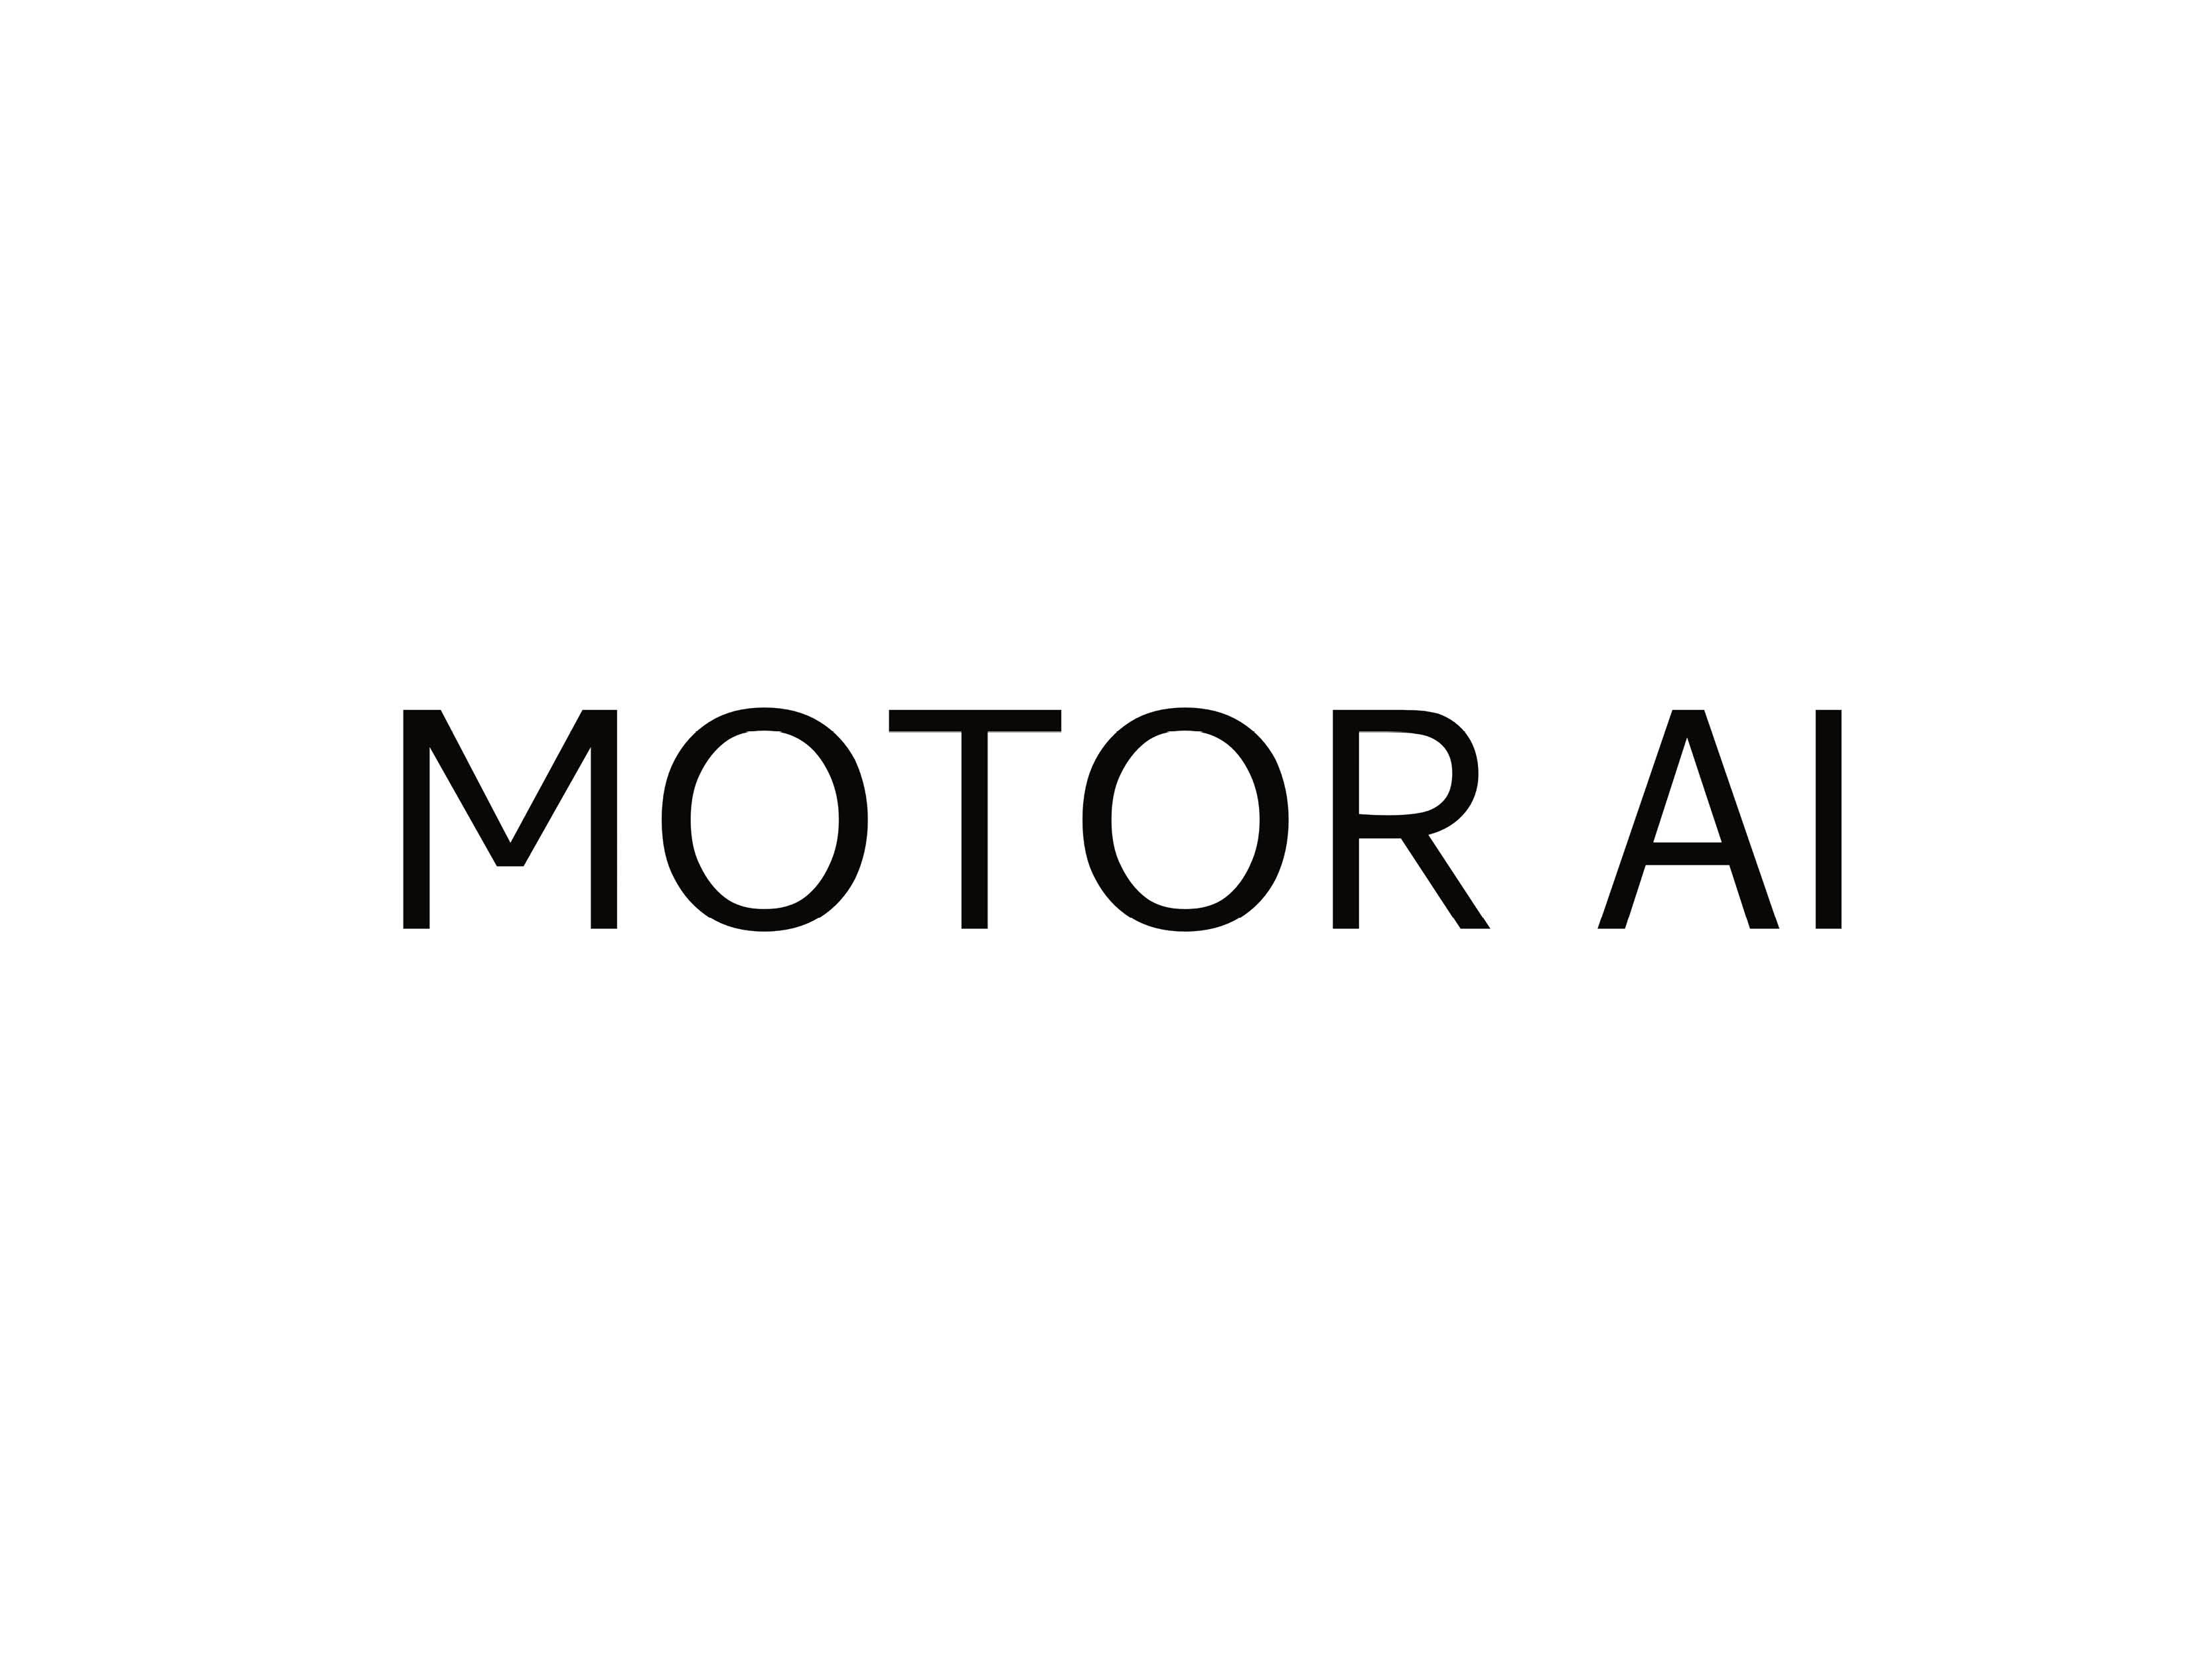 Motor Ai